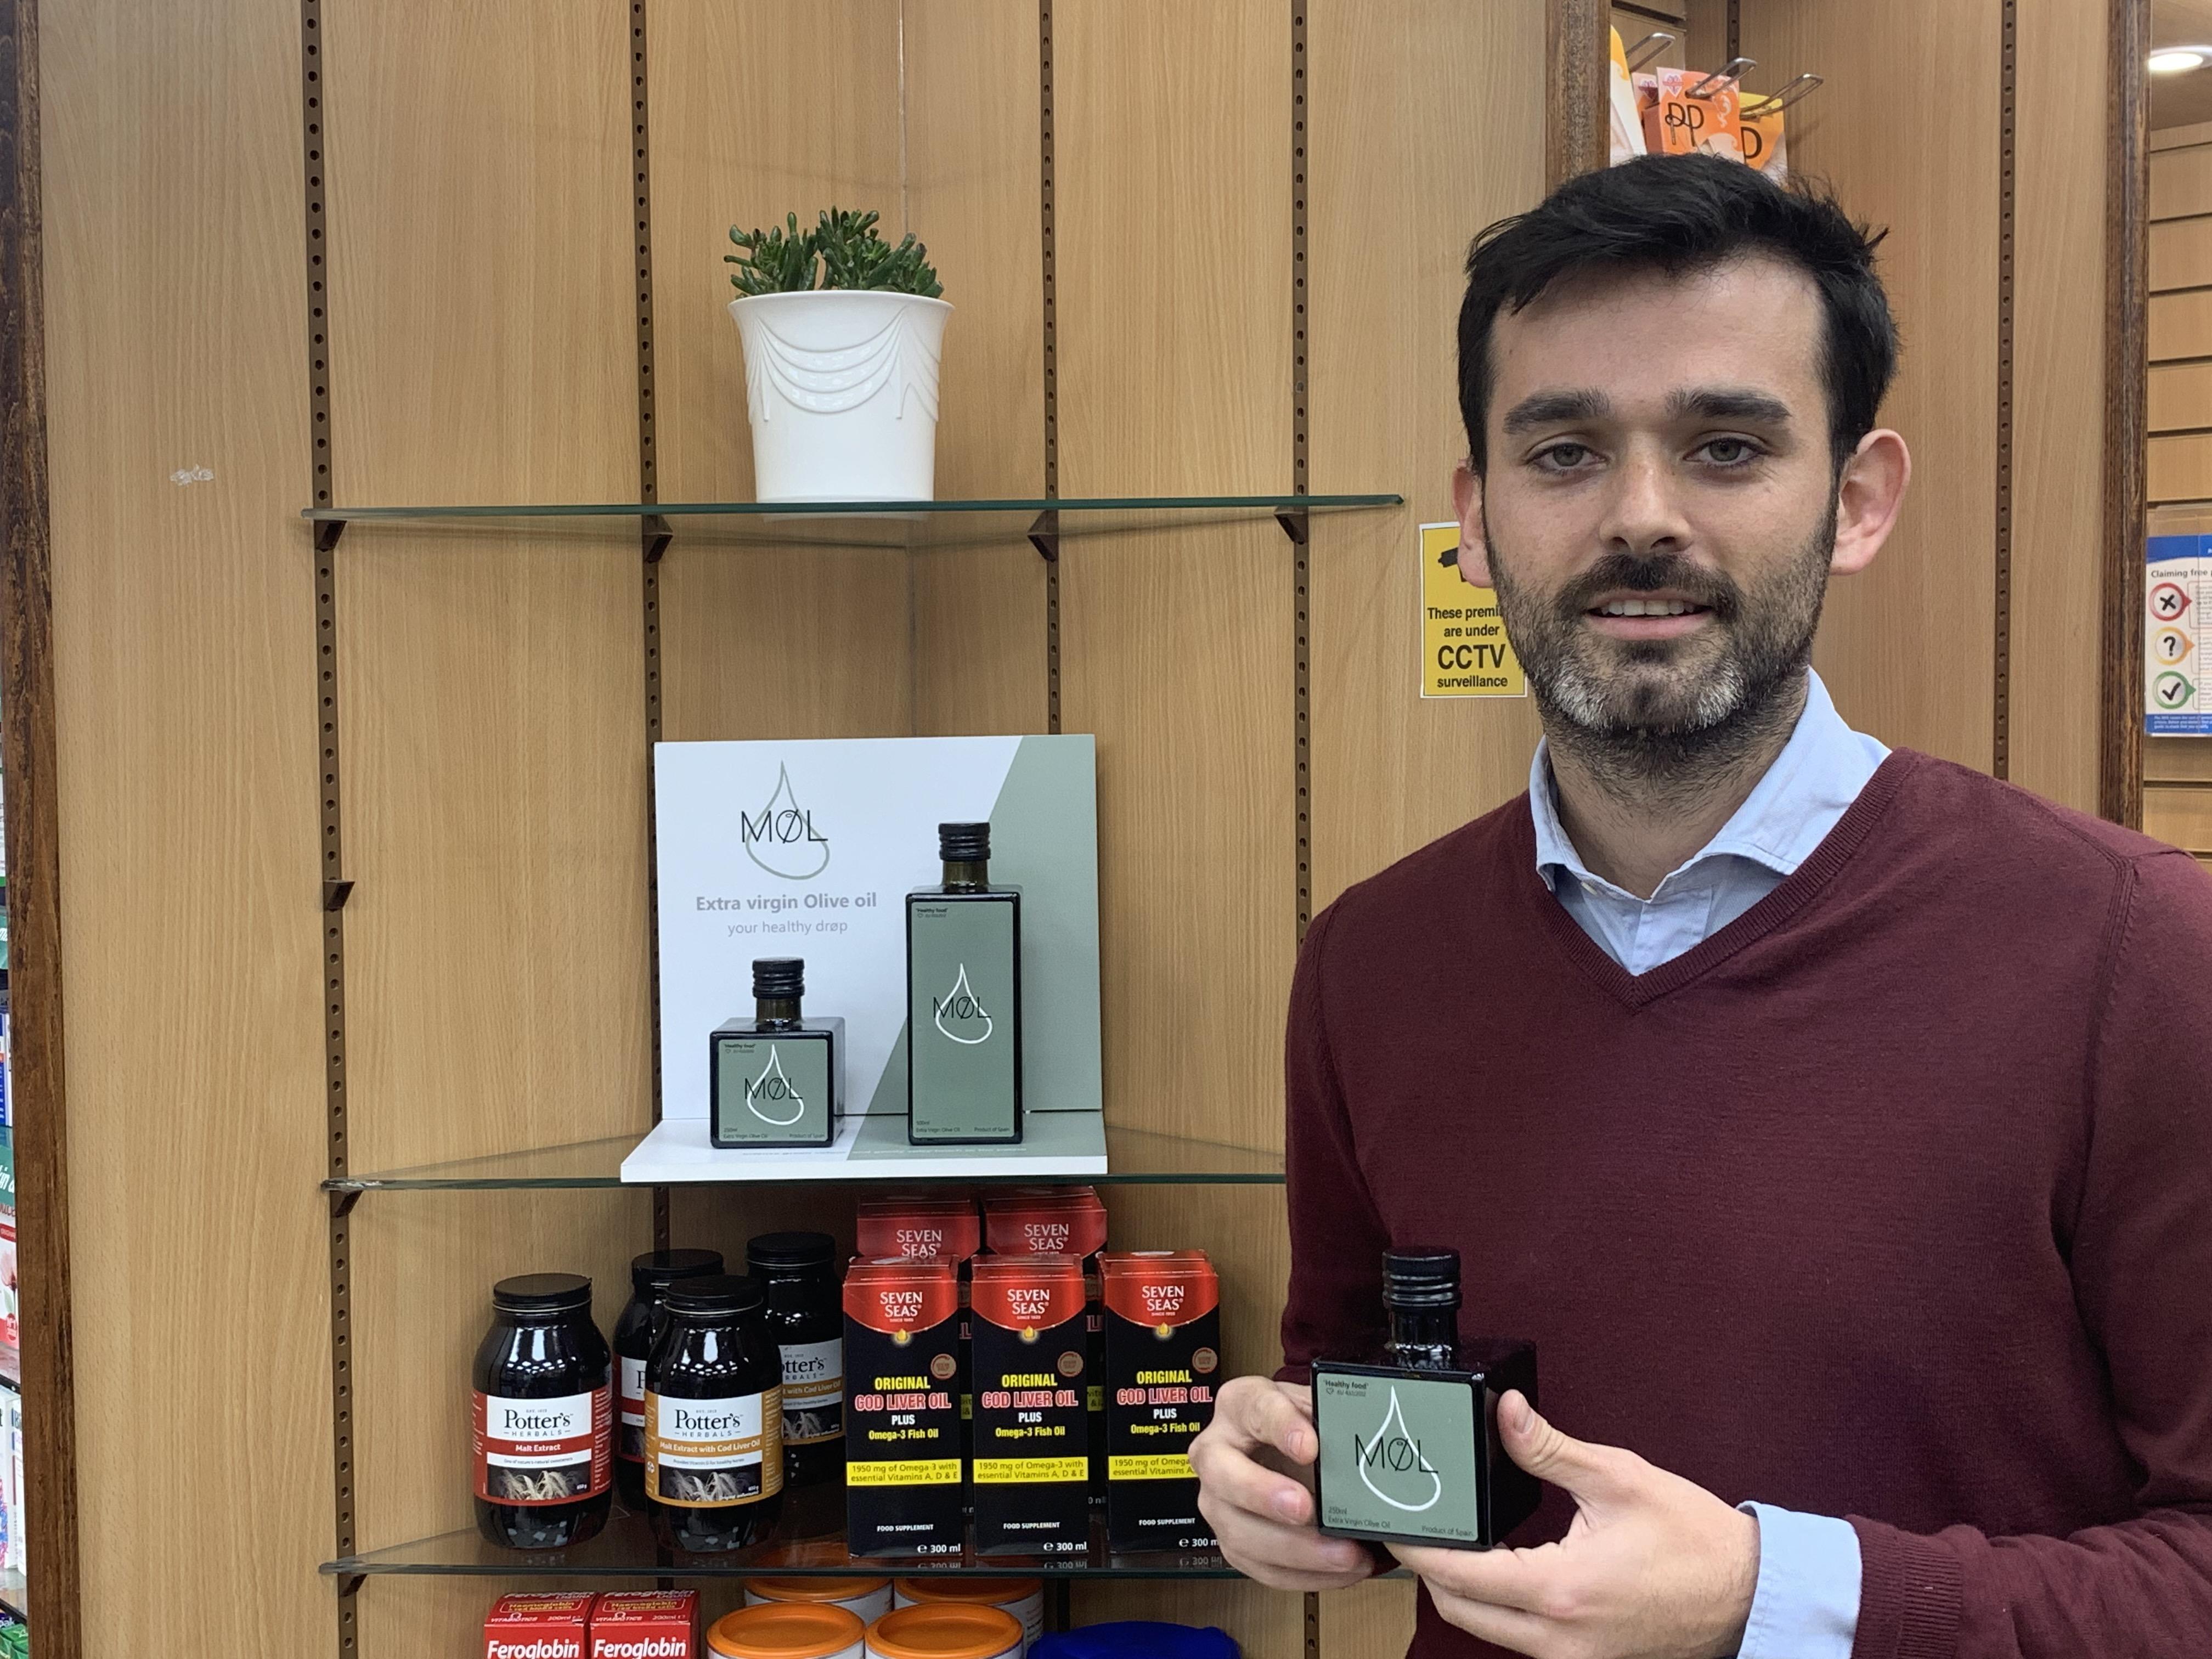 El aceite de Montefrío ya se vende en las farmacias del Reino Unido por sus muchas propiedades saludables